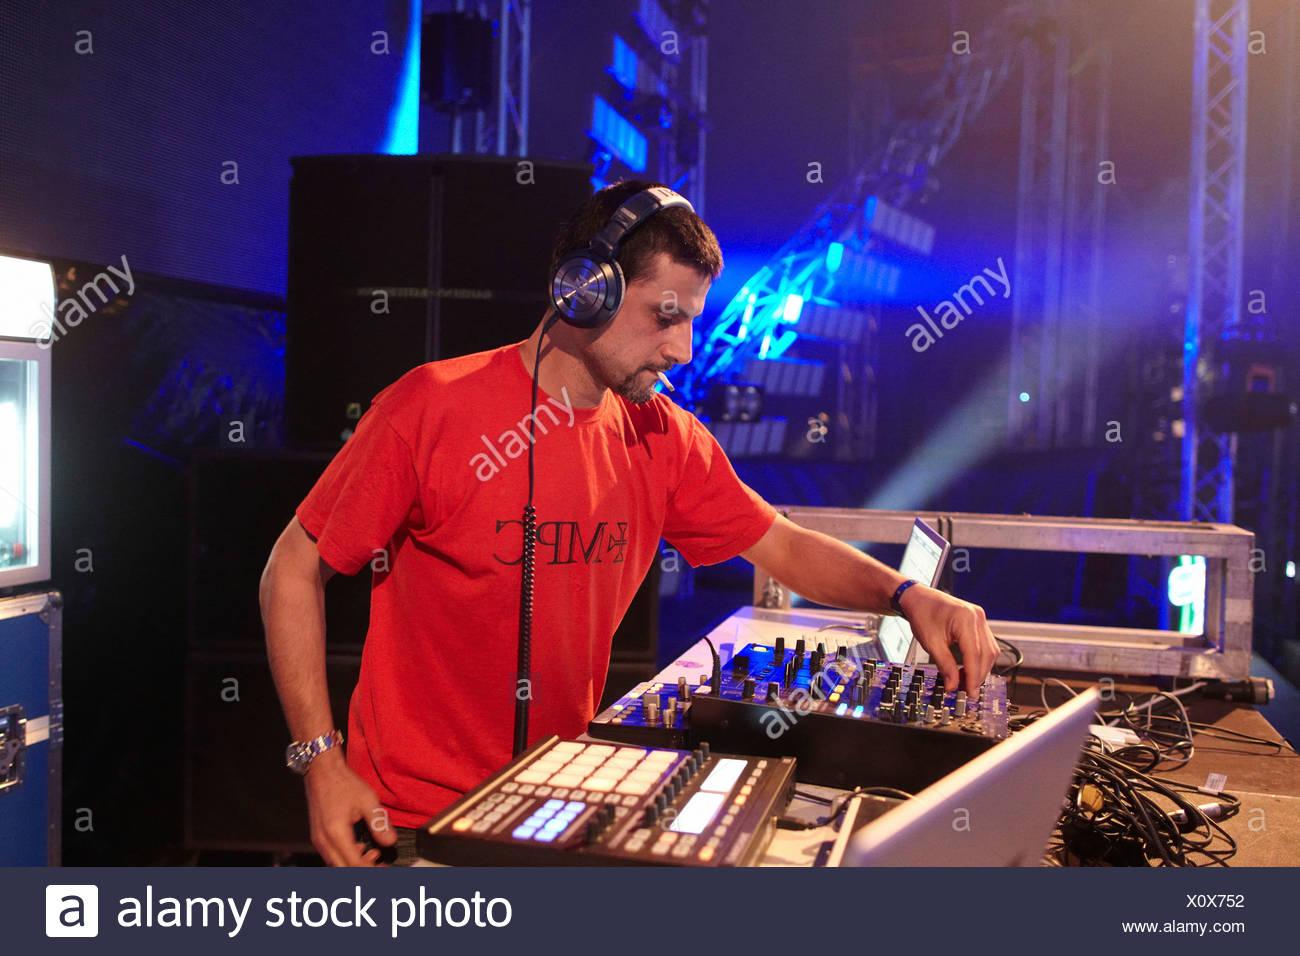 Dave Clarke, Nature One 2010 electronic music festival, Kastellaun, Rhineland-Palatinate, Germany, Europe - Stock Image